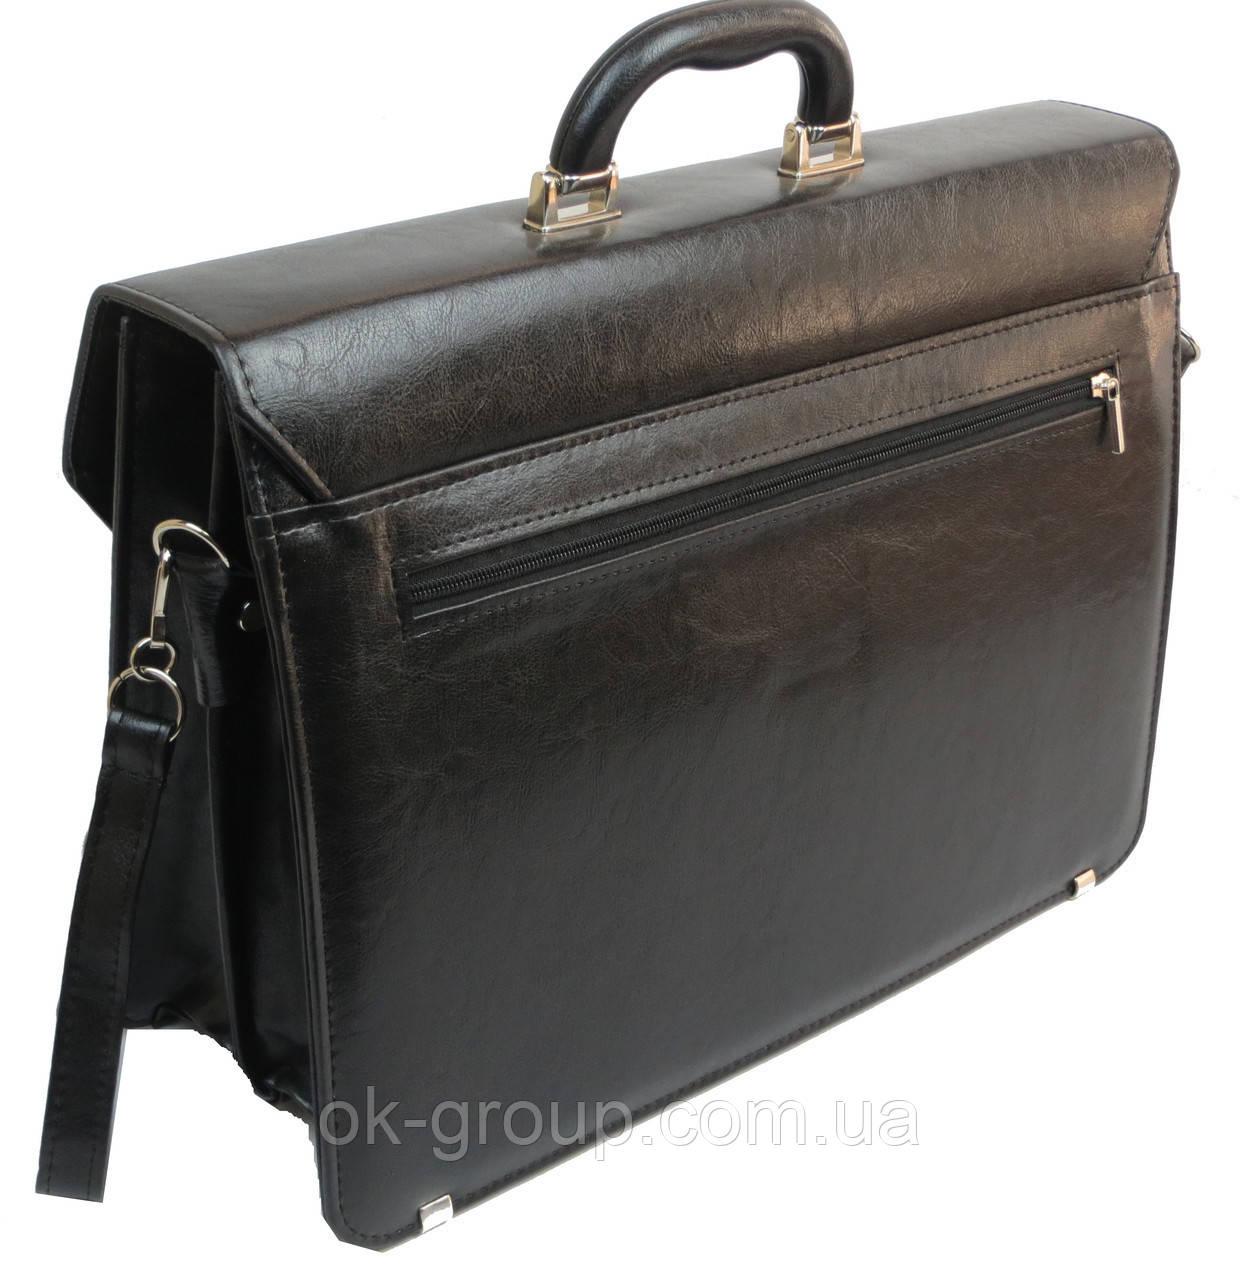 3a7065af2fdf Портфель мужской из искусственной кожи TOMSKOR 81586: продажа, цена ...